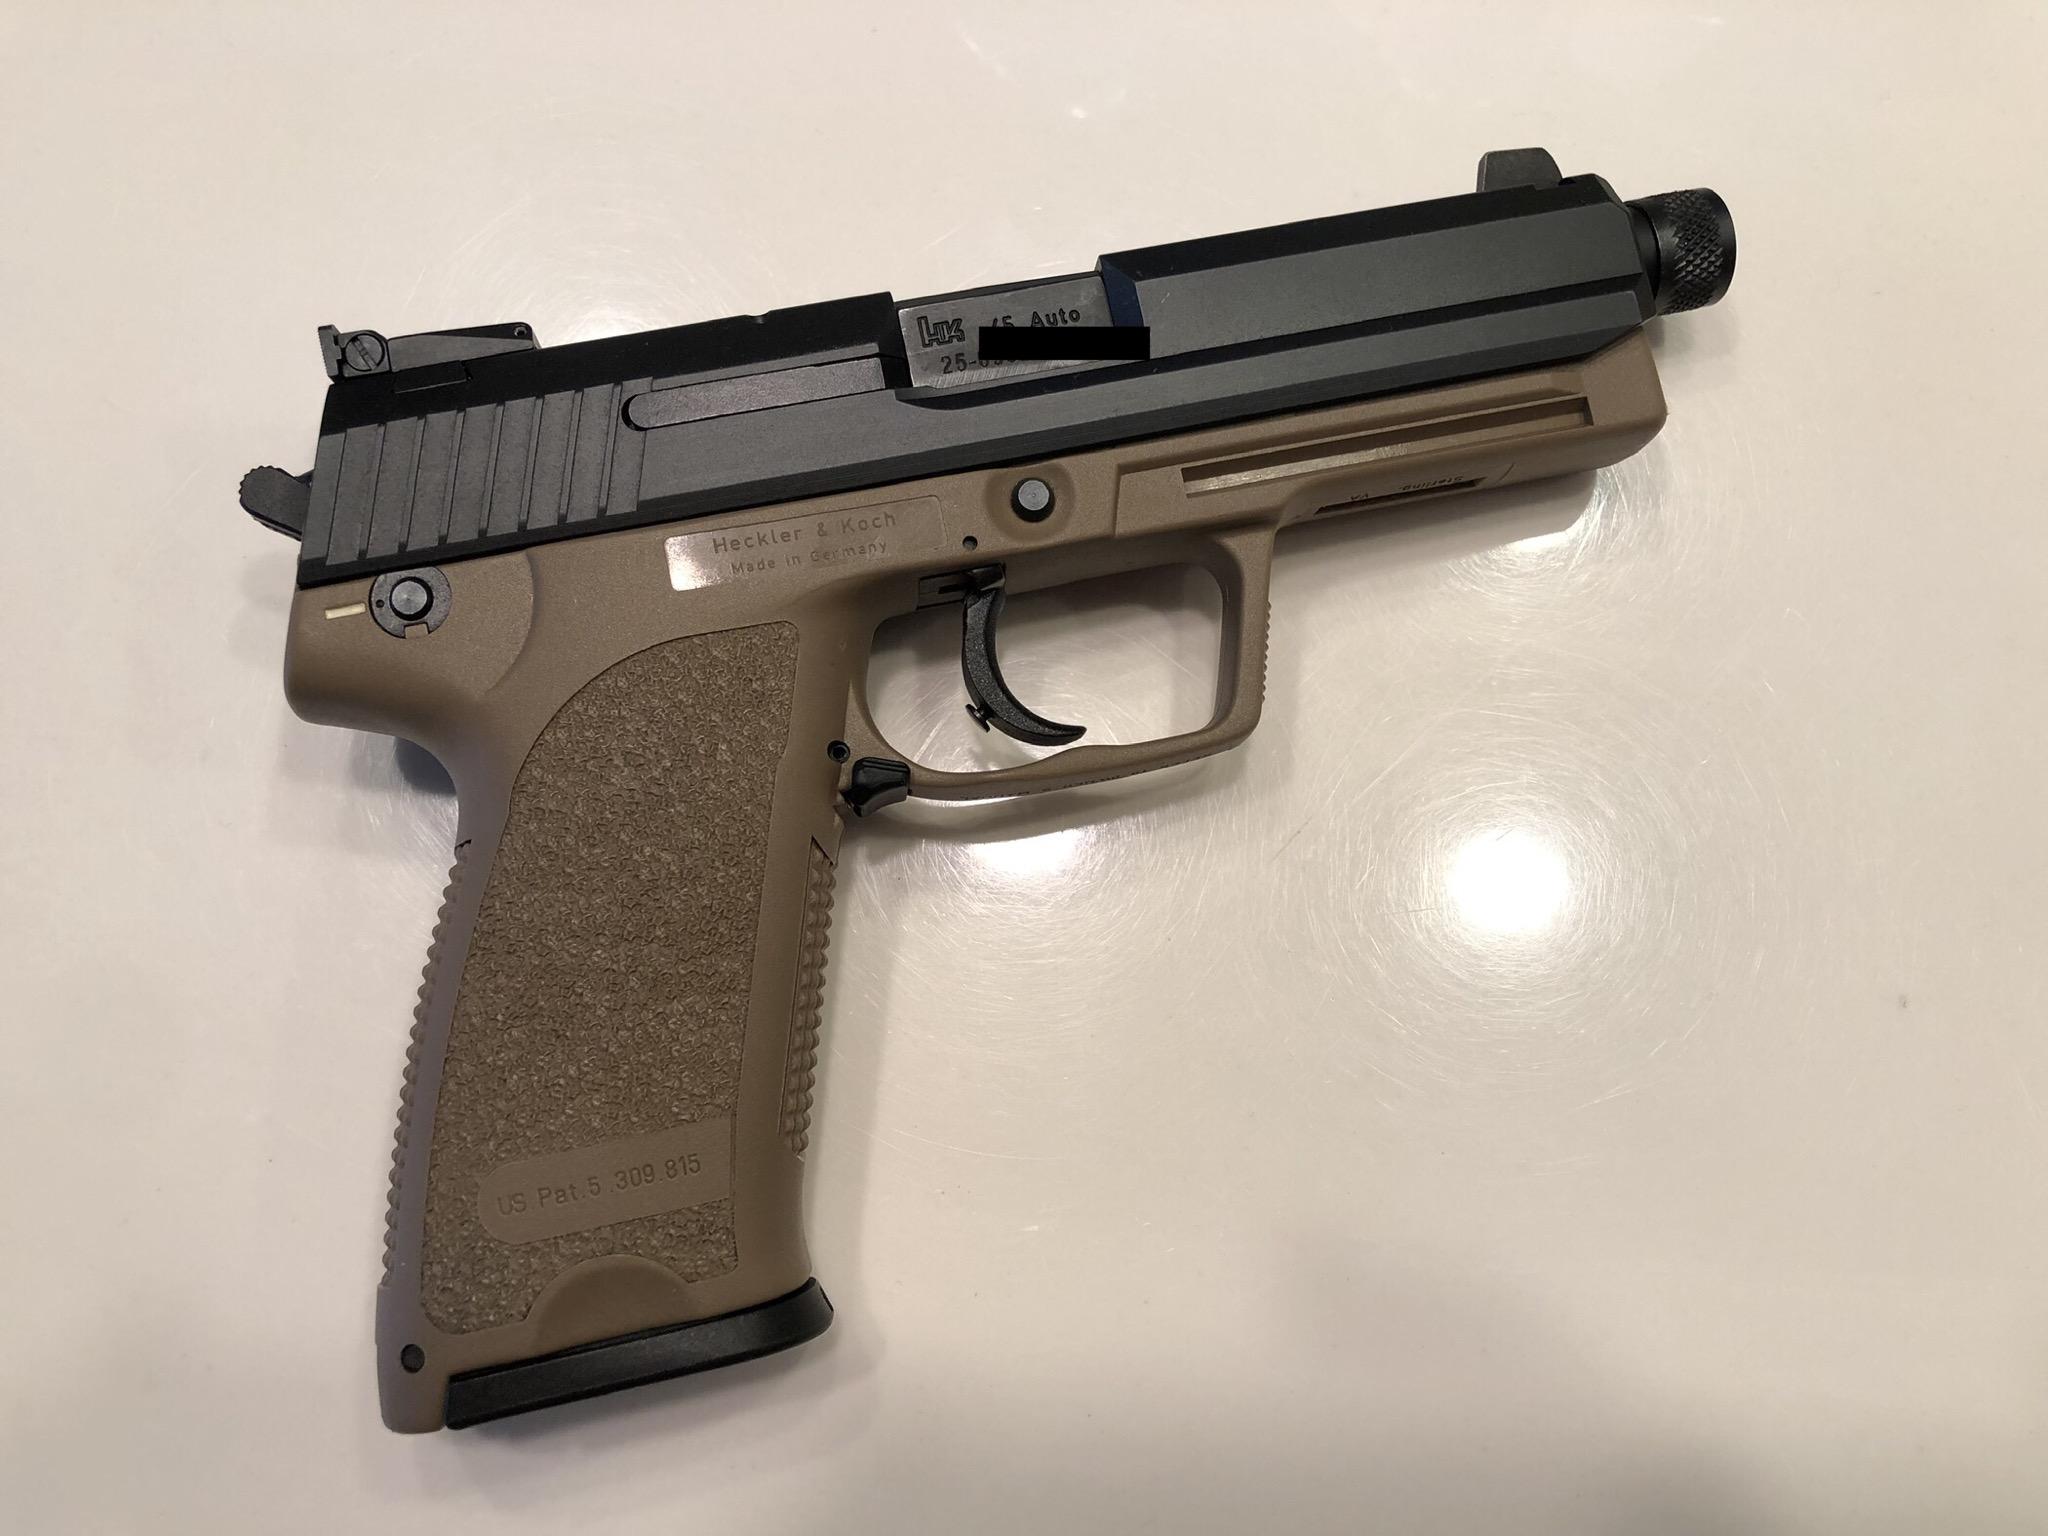 SOLD: HK USP .45 Tan Tactical (FDE)-a17d63e7-23dc-4b66-83d6-1617e12d9df2.jpeg